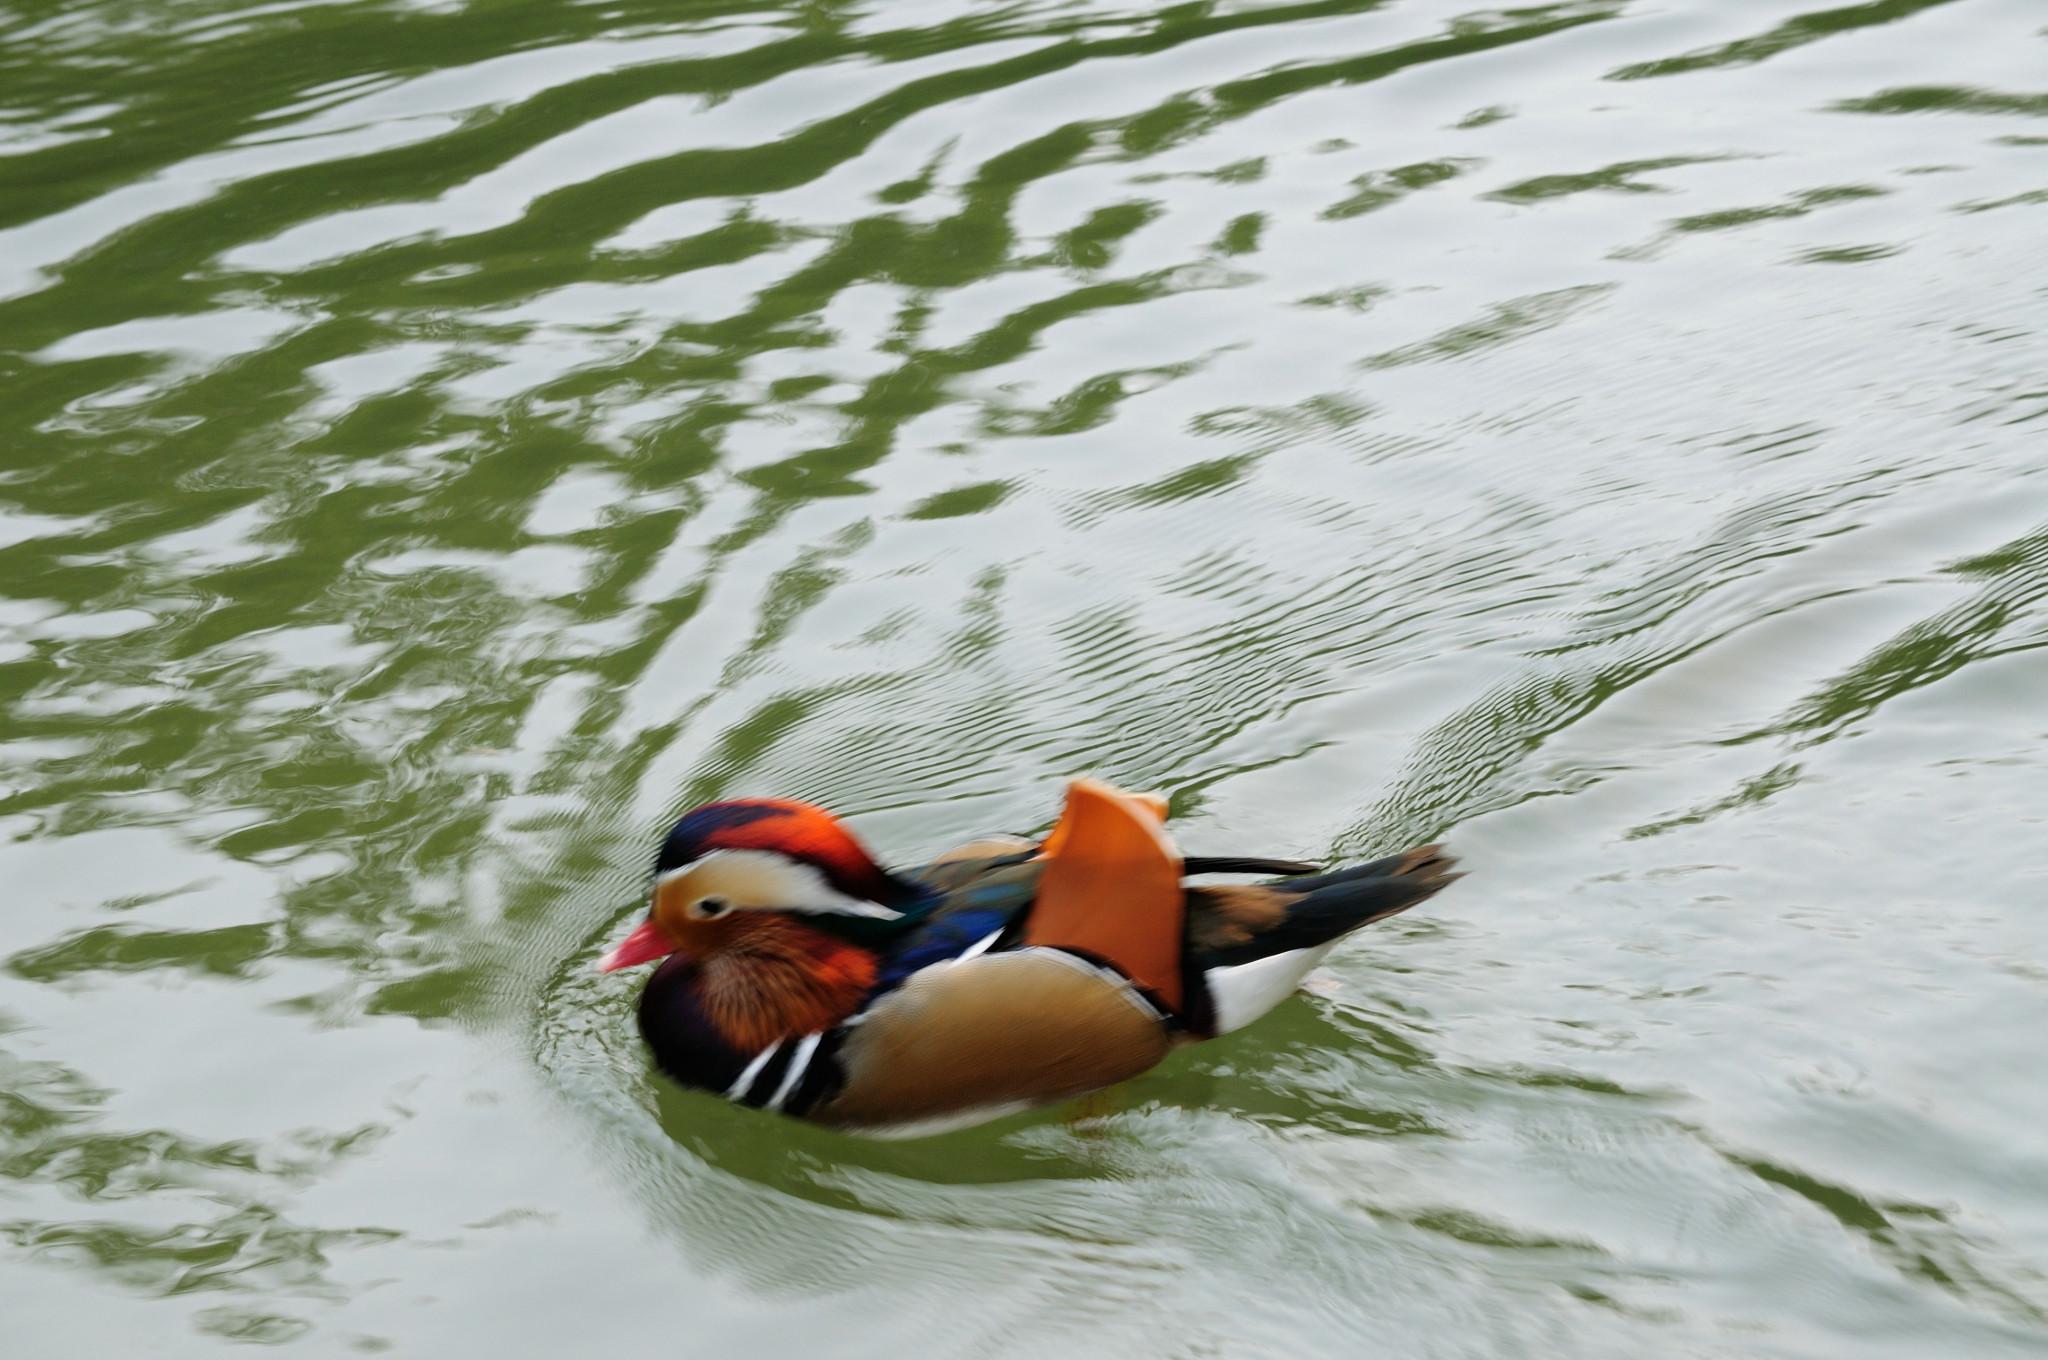 上海动物园的水上动物